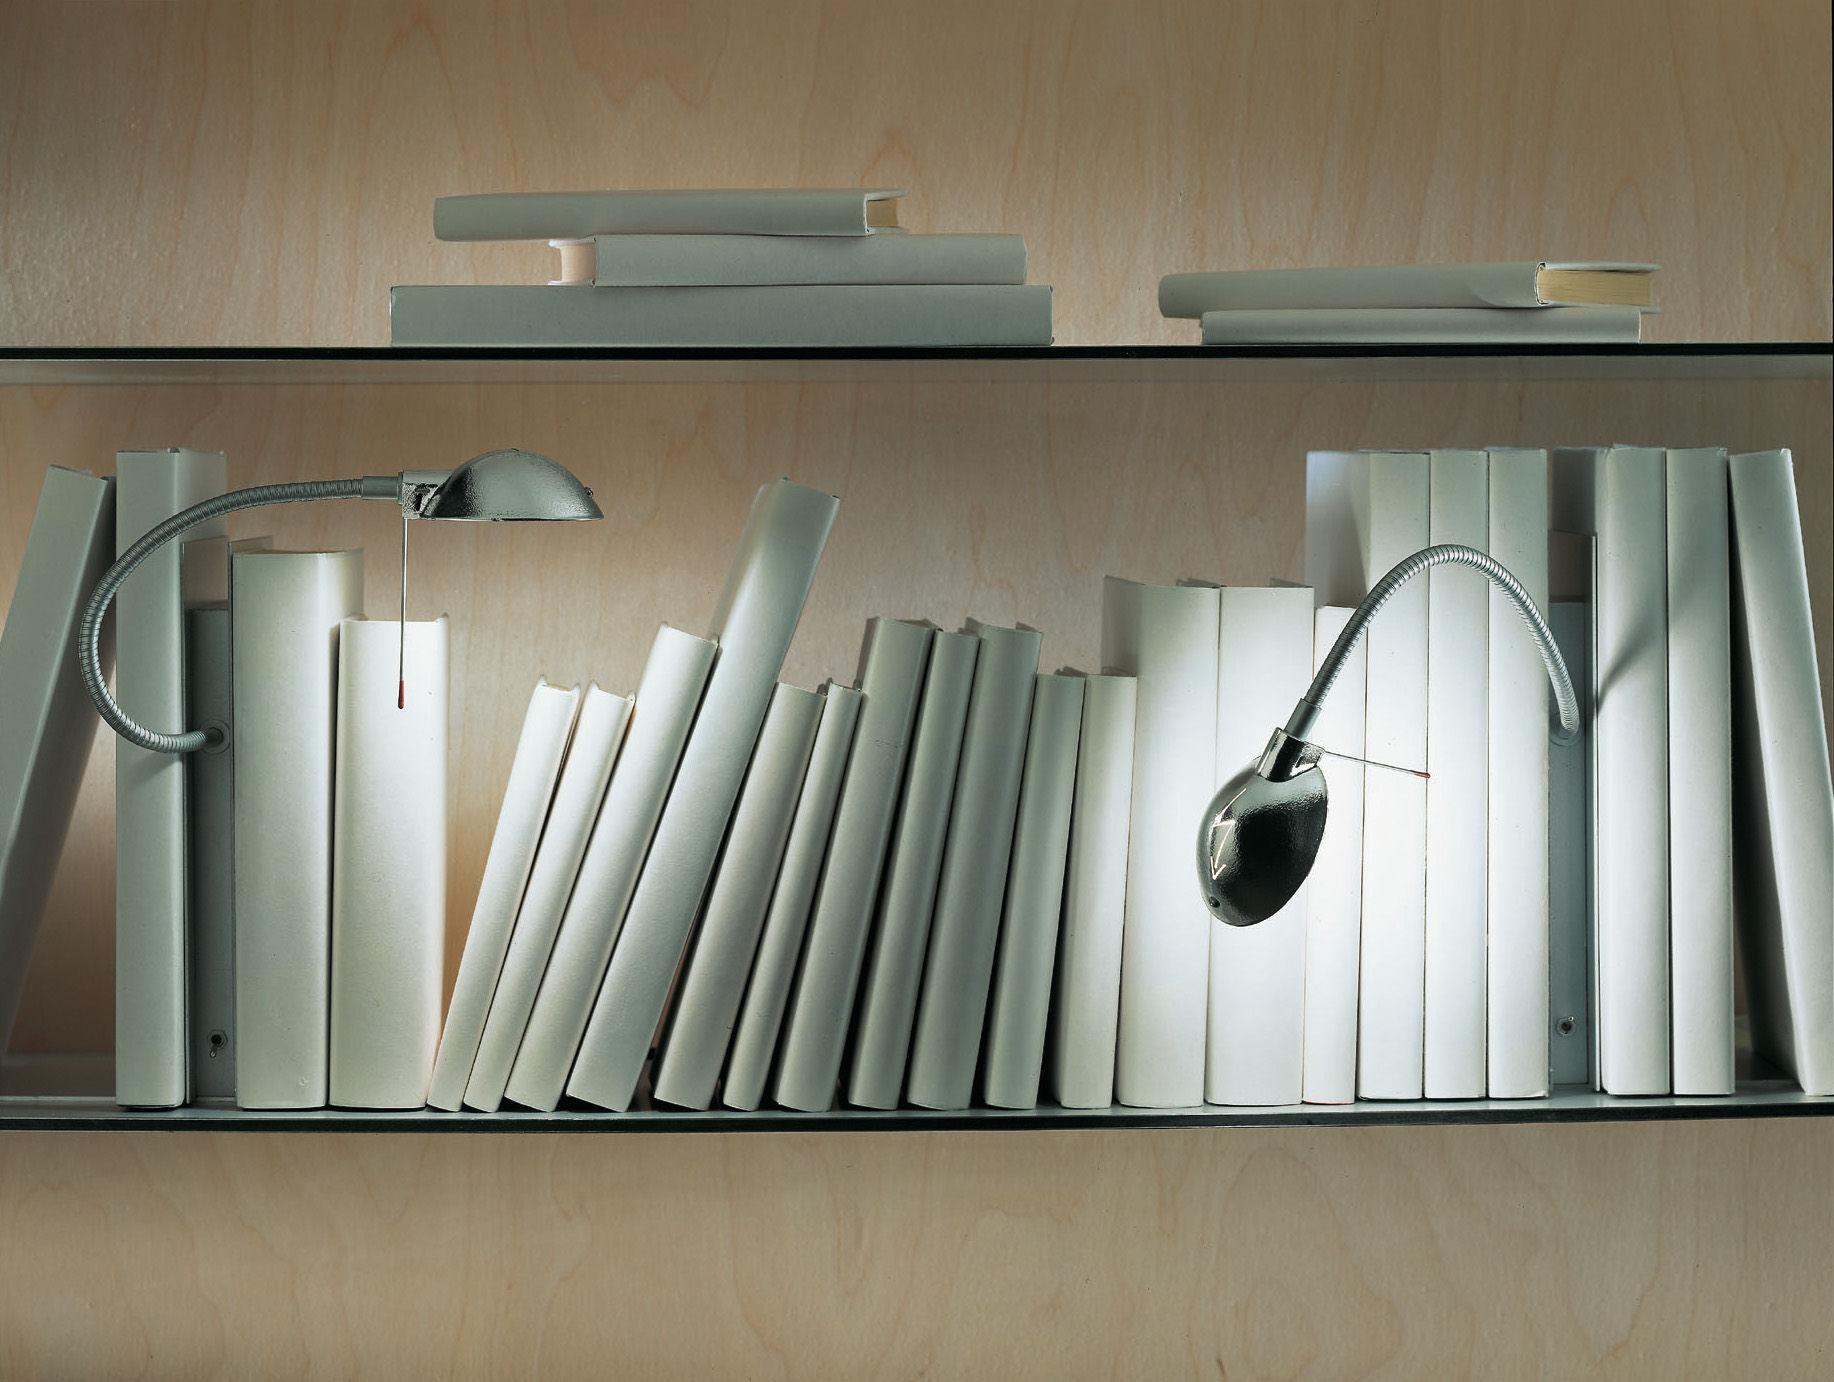 Leuchten - Tischleuchten - Oskar Lampe für Regale - Ingo Maurer - Aluminium - Metall